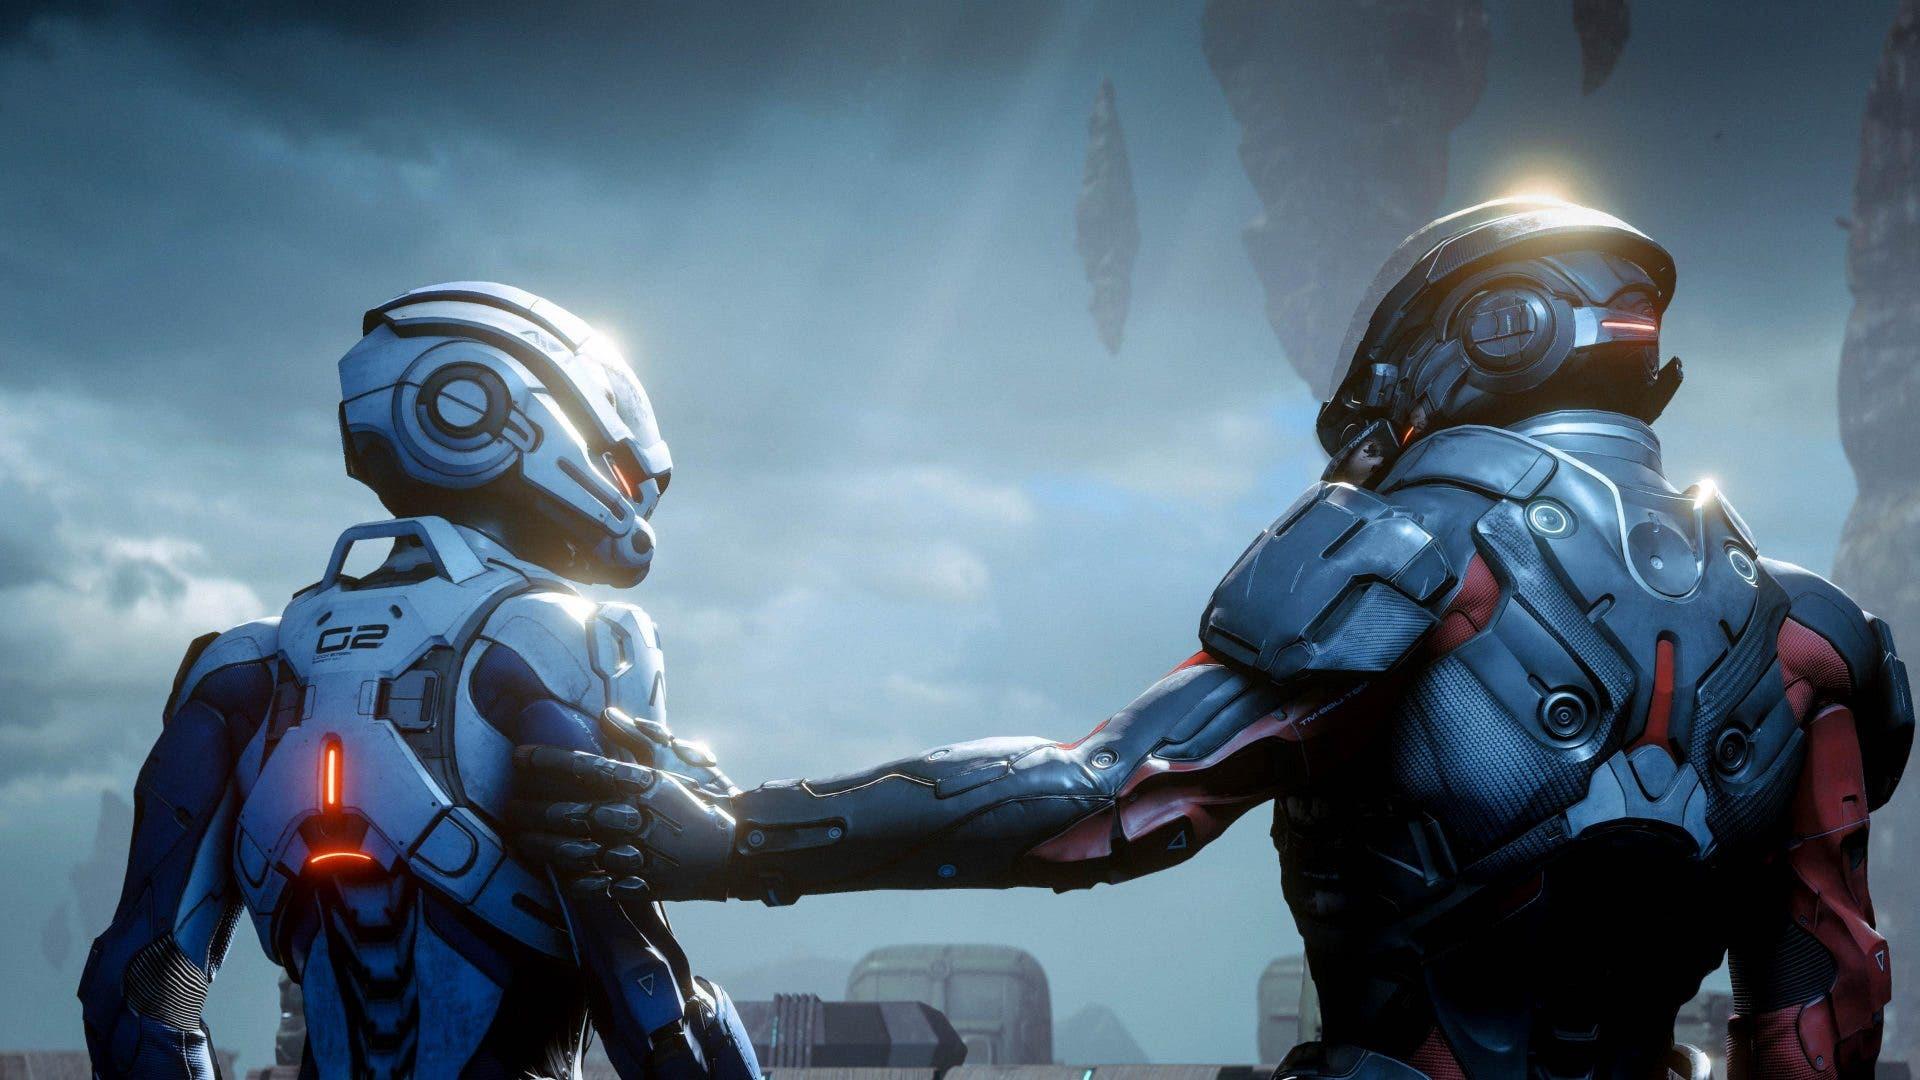 Imagen de Mass Effect revela inéditos artes conceptuales que podrían utilizarse en el futuro